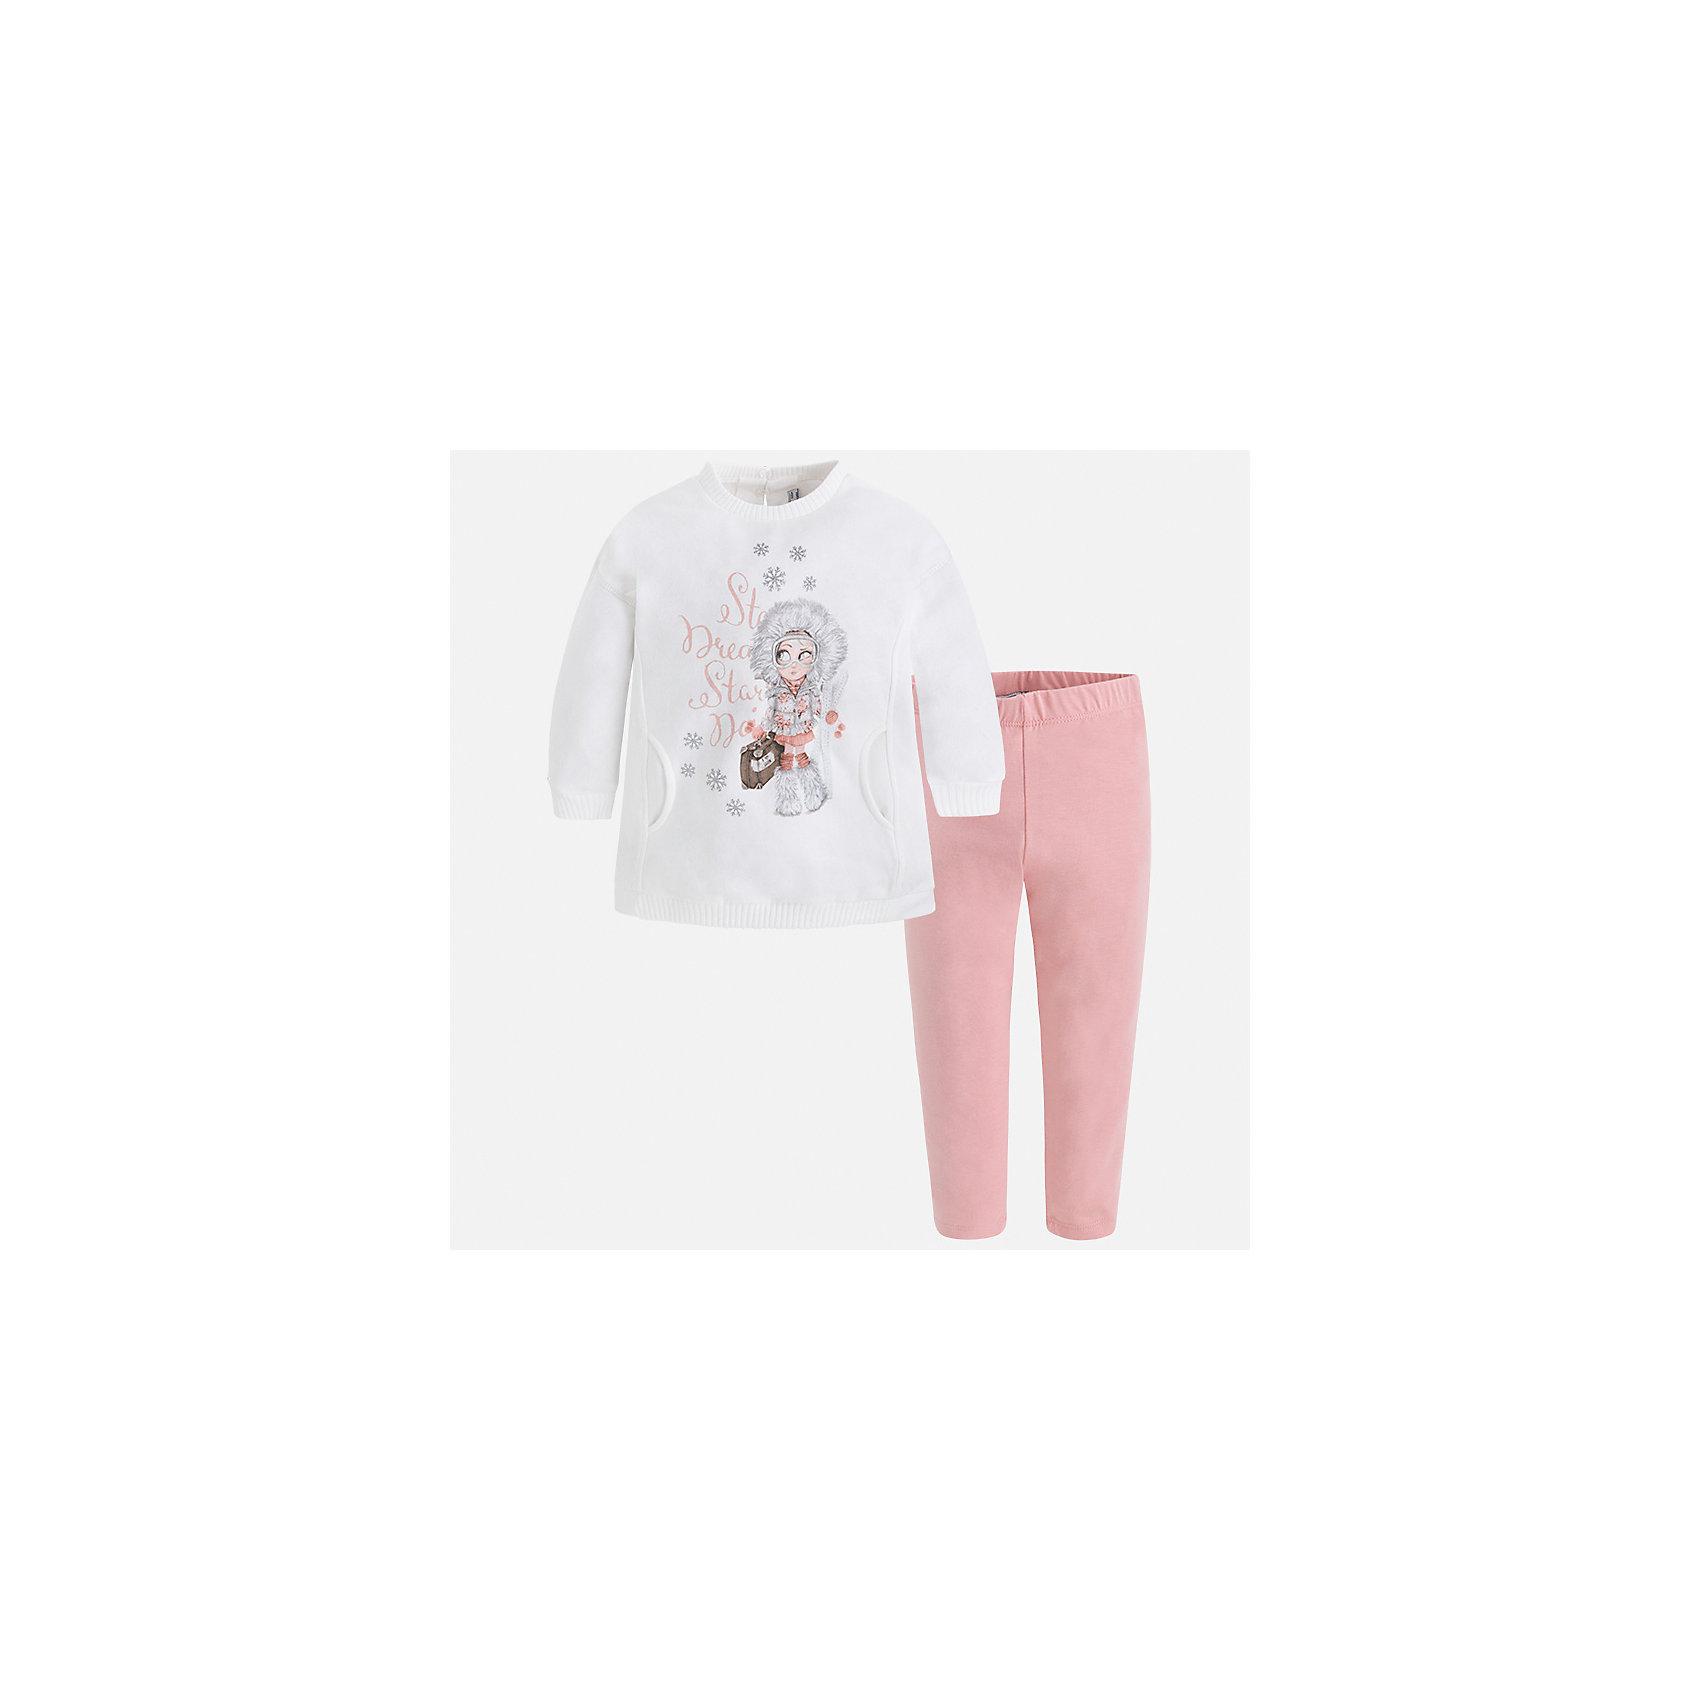 Комплект: футболка с длинным рукавом и леггинсы Mayoral для девочкиБлузки и рубашки<br>Характеристики товара:<br><br>• цвет: розовый<br>• комплектация: блузка и леггинсы<br>• состав ткани леггинсов: 57% хлопок, 38% полиэстер, 5% эластан<br>• состав ткани блузки: 45% хлопок, 42% полиэстер, 13% металлизированное волокно<br>• длинные рукава<br>• застежка: пуговица<br>• стразы<br>• пояс: резинка<br>• сезон: круглый год<br>• страна бренда: Испания<br>• страна изготовитель: Индия<br><br>Такой симпатичный комплект поможет подарить ребенку комфорт. Детский комплект от известного бренда Майорал состоит из мягкой блузки с принтом и эластичных леггинсов. <br><br>Для производства детской одежды популярный бренд Mayoral использует только качественную фурнитуру и материалы. Оригинальные и модные вещи от Майорал неизменно привлекают внимание и нравятся детям.<br><br>Комплект: блузка и леггинсы для девочки Mayoral (Майорал) можно купить в нашем интернет-магазине.<br><br>Ширина мм: 123<br>Глубина мм: 10<br>Высота мм: 149<br>Вес г: 209<br>Цвет: розовый<br>Возраст от месяцев: 18<br>Возраст до месяцев: 24<br>Пол: Женский<br>Возраст: Детский<br>Размер: 92,98,104,110,116,122,128,134<br>SKU: 6922778